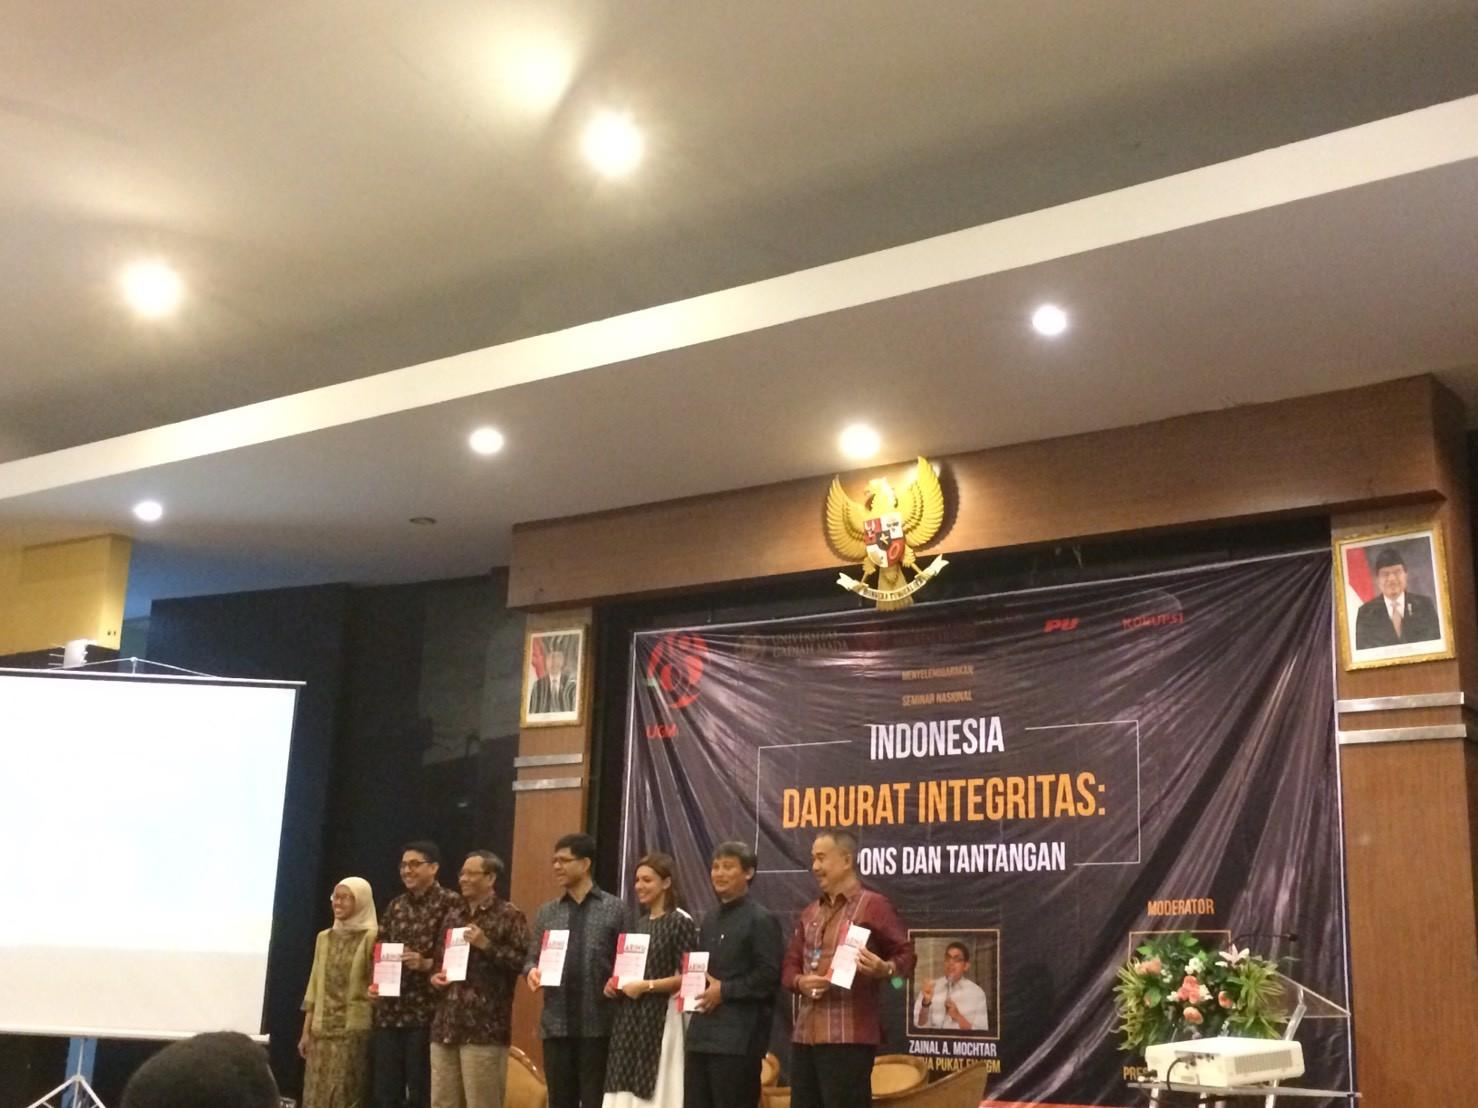 Indonesia Darurat Integritas: Seruan untuk Melembagakan Respon